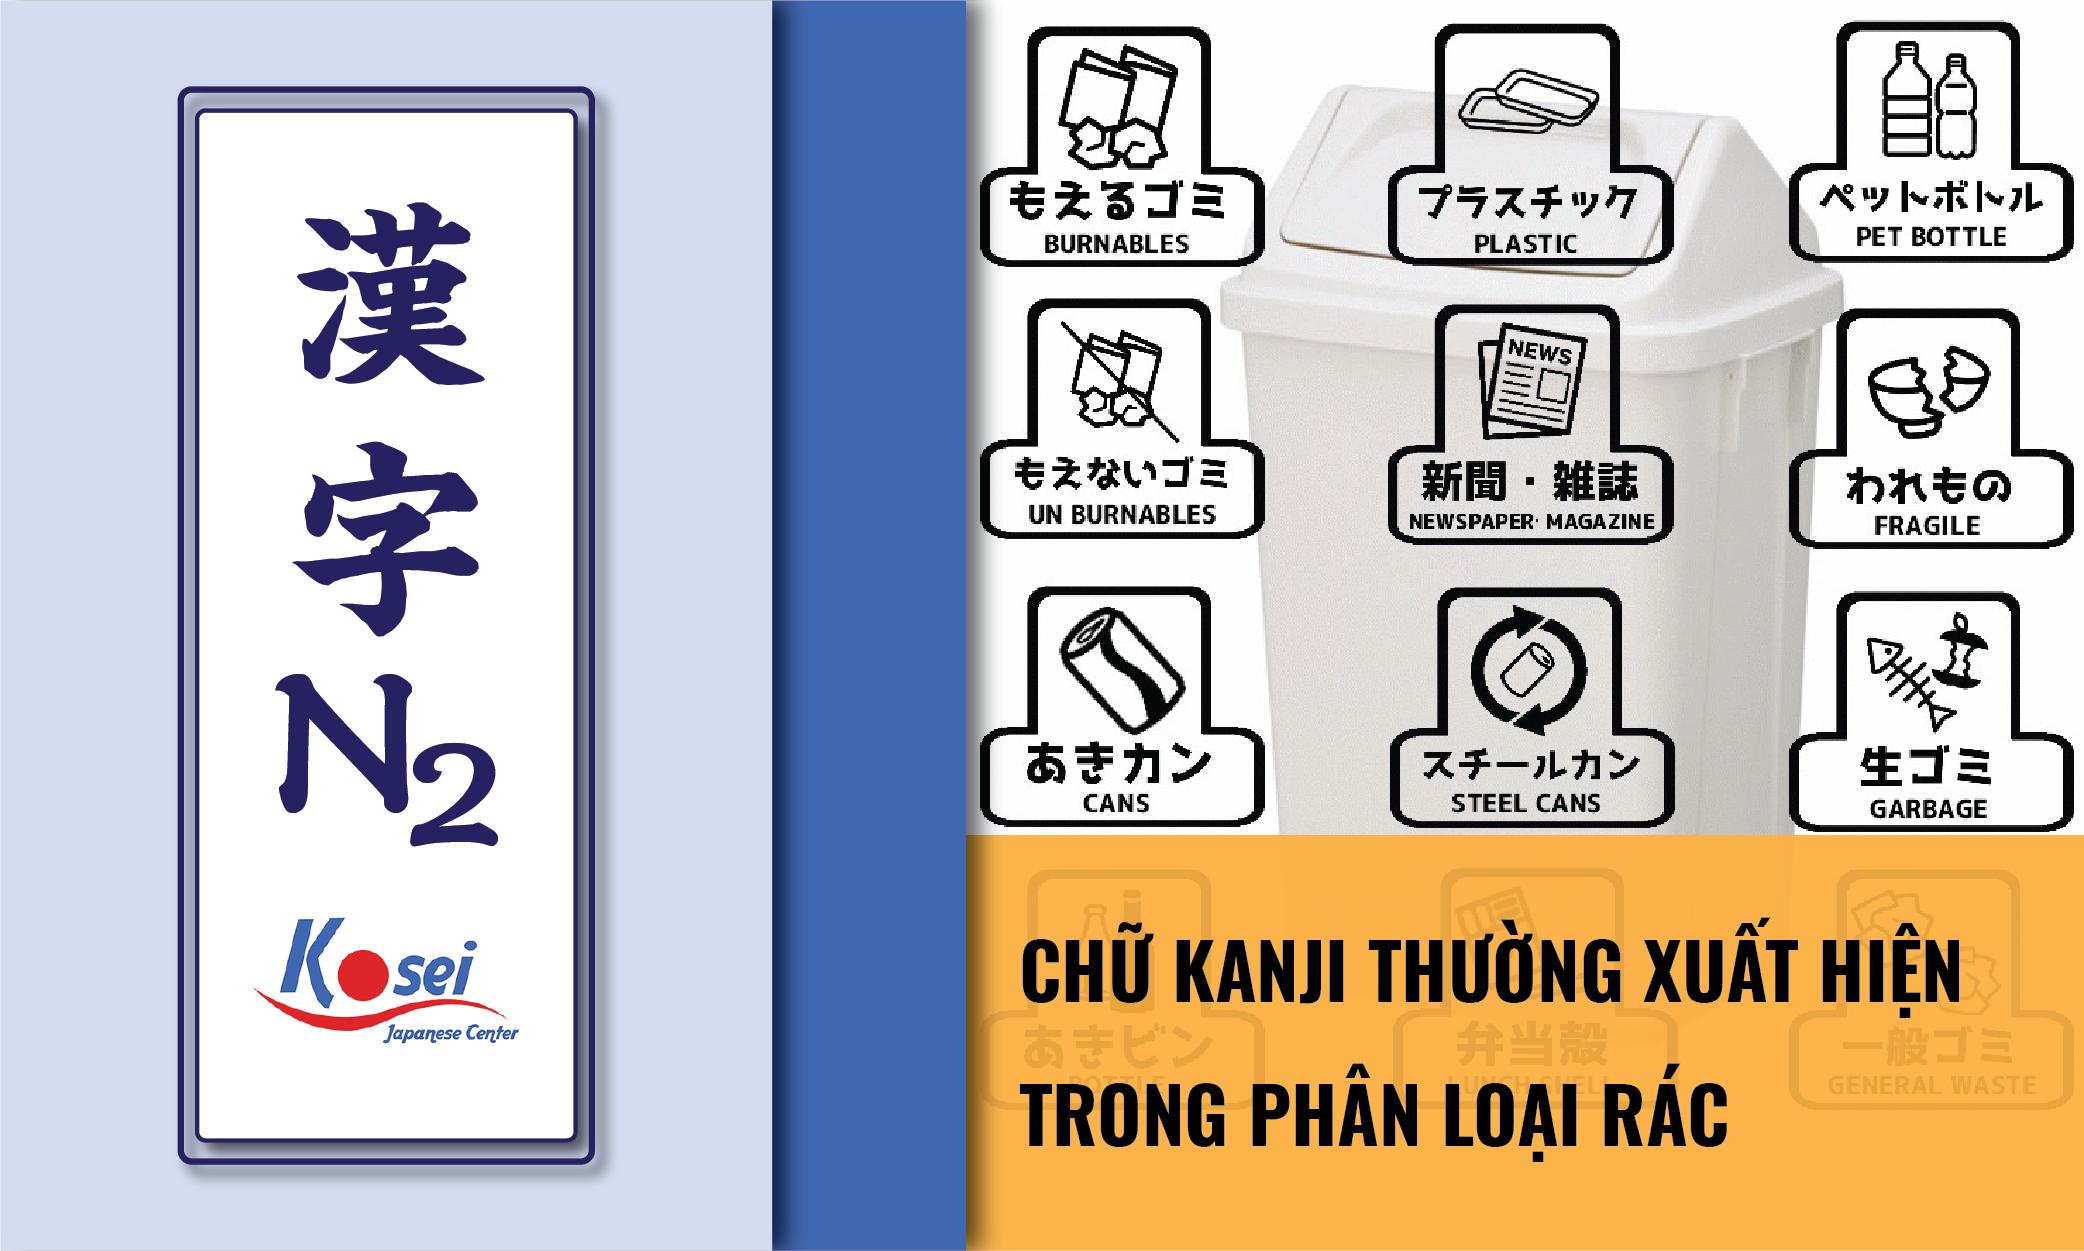 kanji n2 phân loại rác